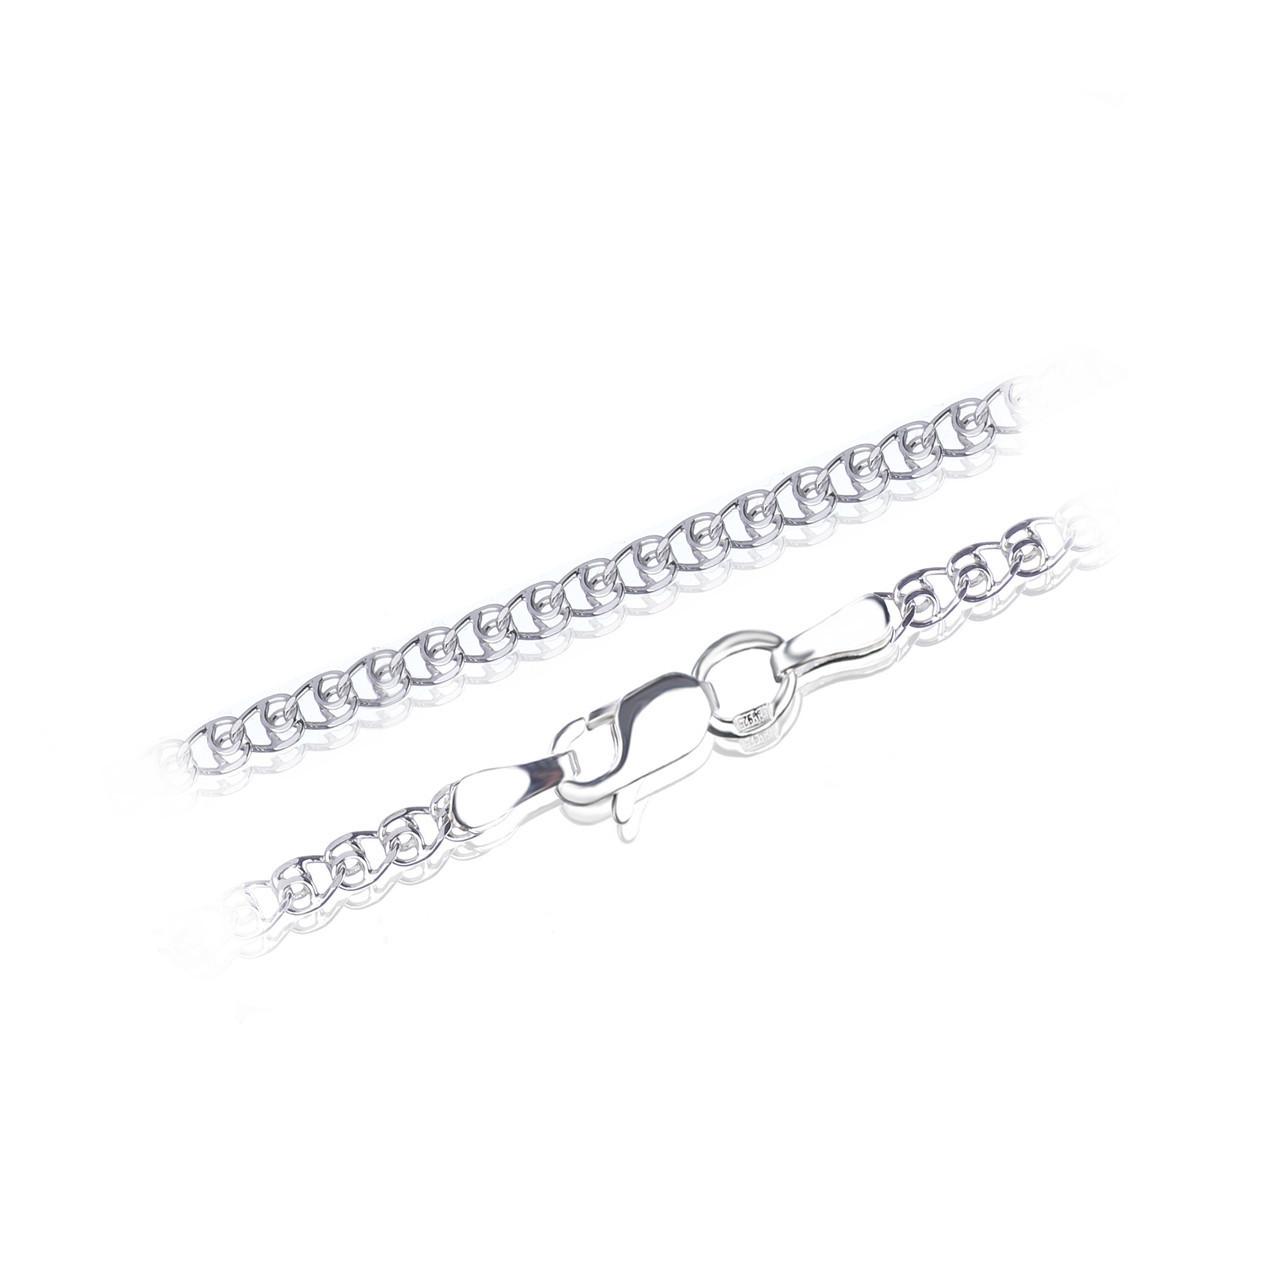 Женская сребряная цепочка ЛАВ 2.5 мм, 45 см